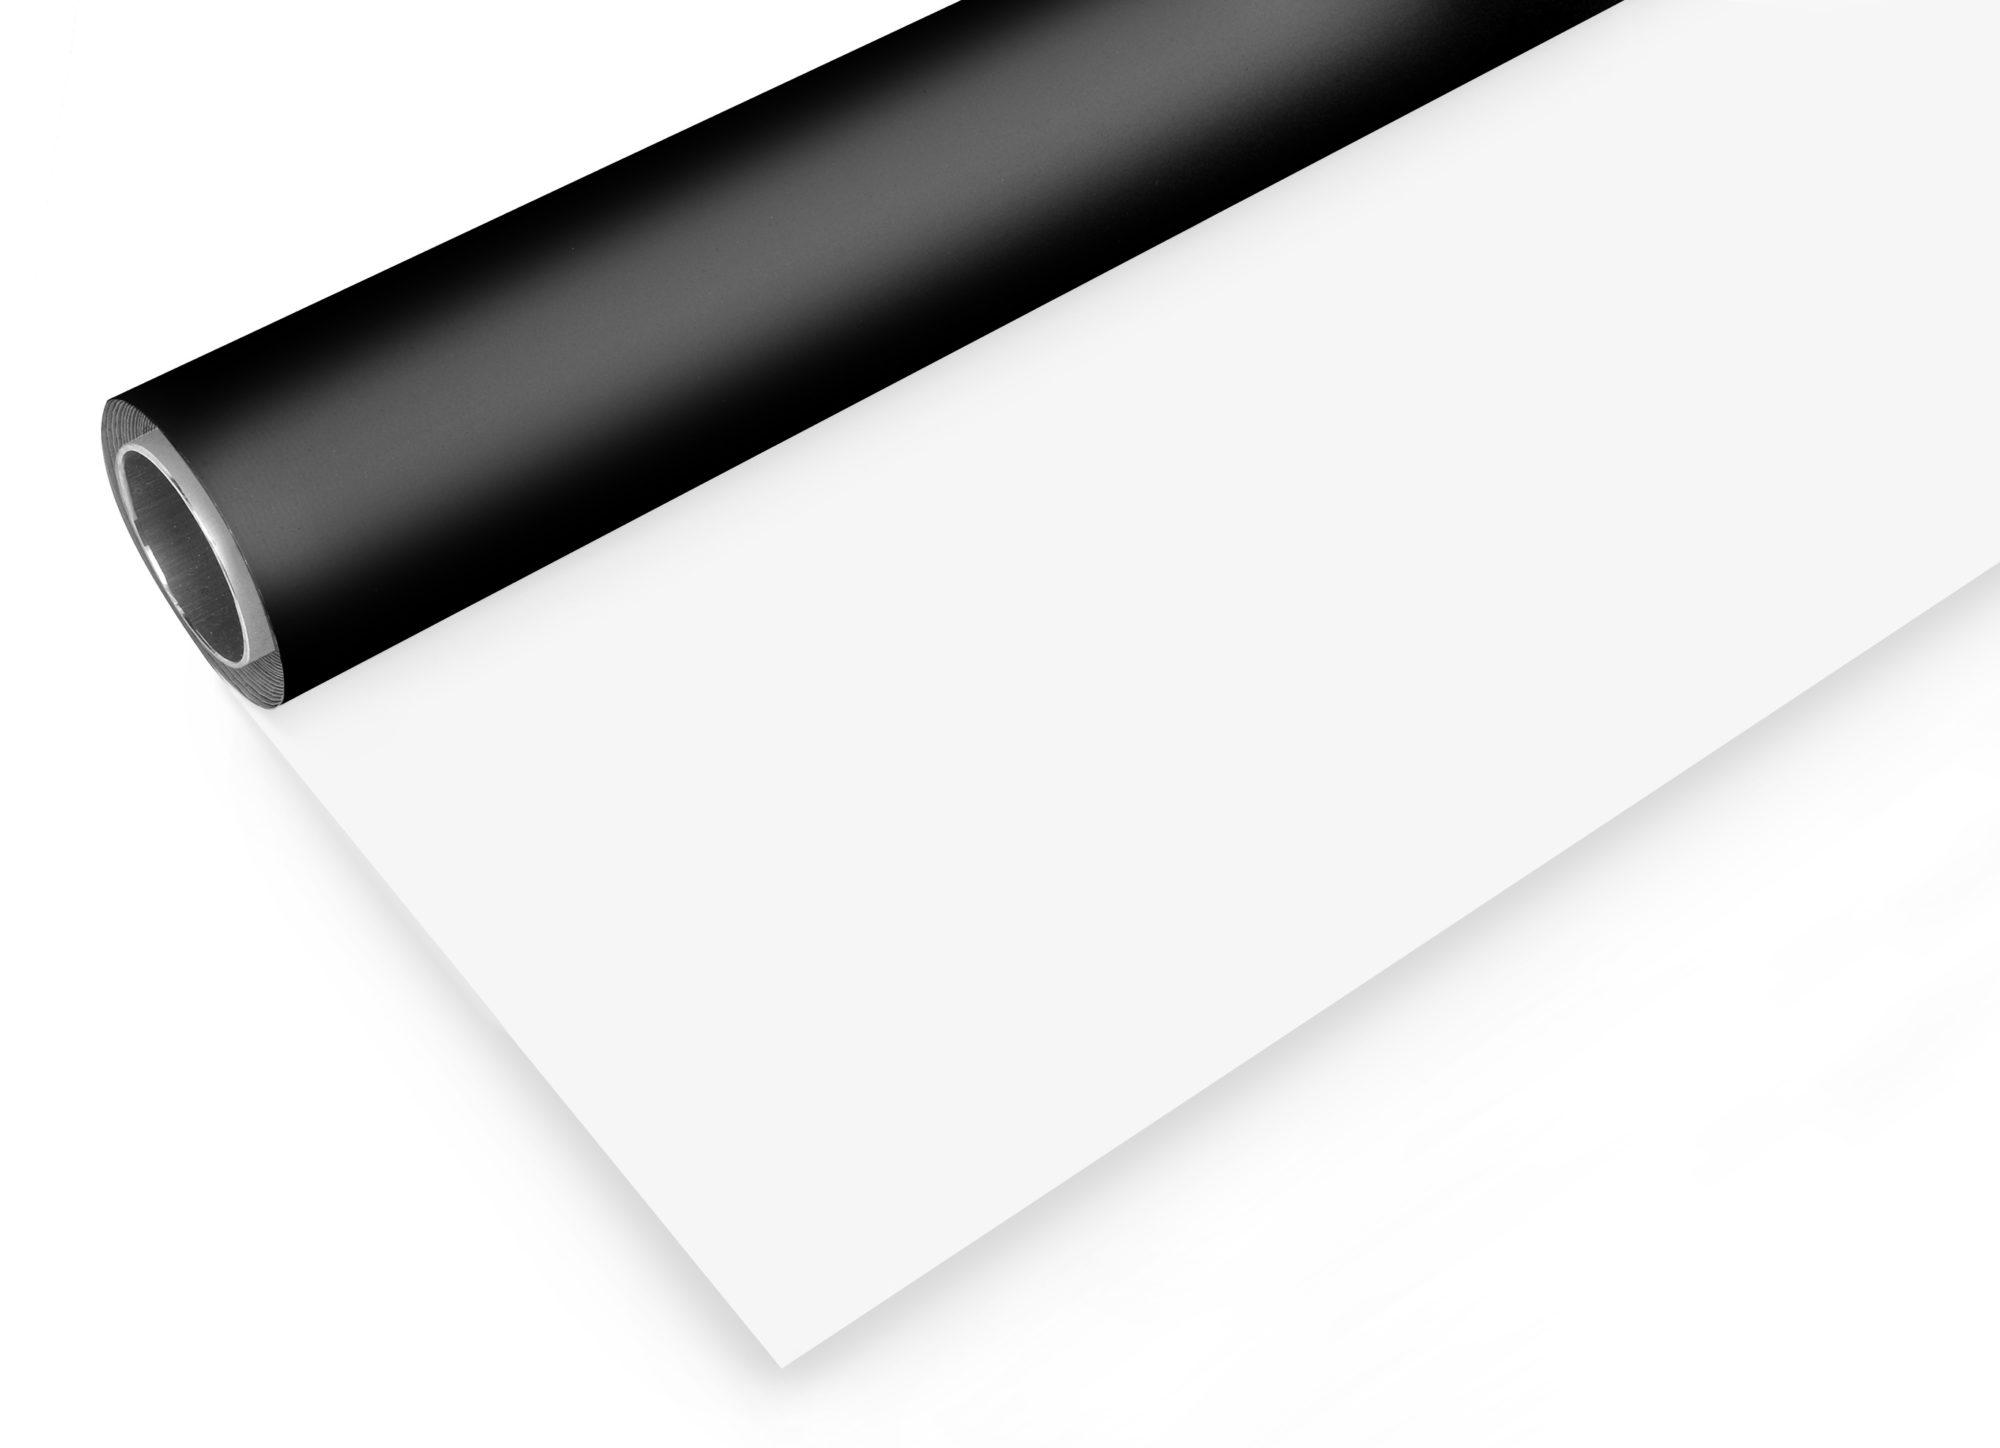 bresser vinyl hintergrundrolle 1 45x4m schwarz wei hier online bestellen. Black Bedroom Furniture Sets. Home Design Ideas